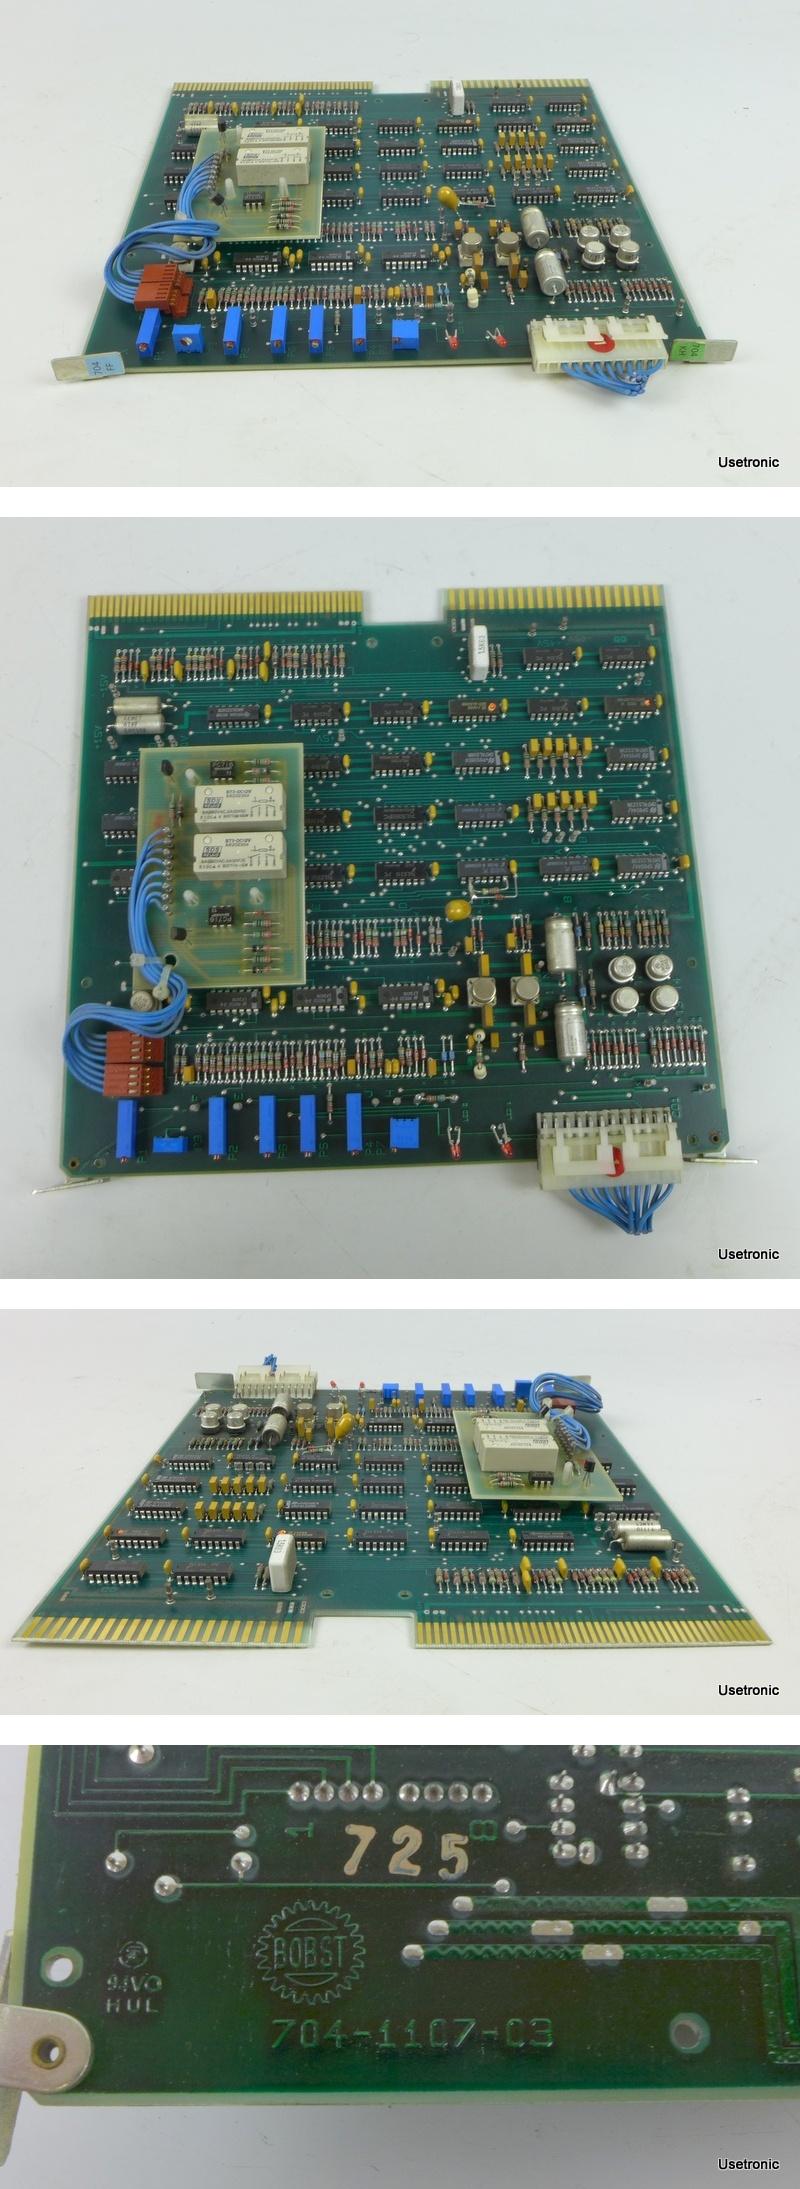 Bobst 704-1107-03